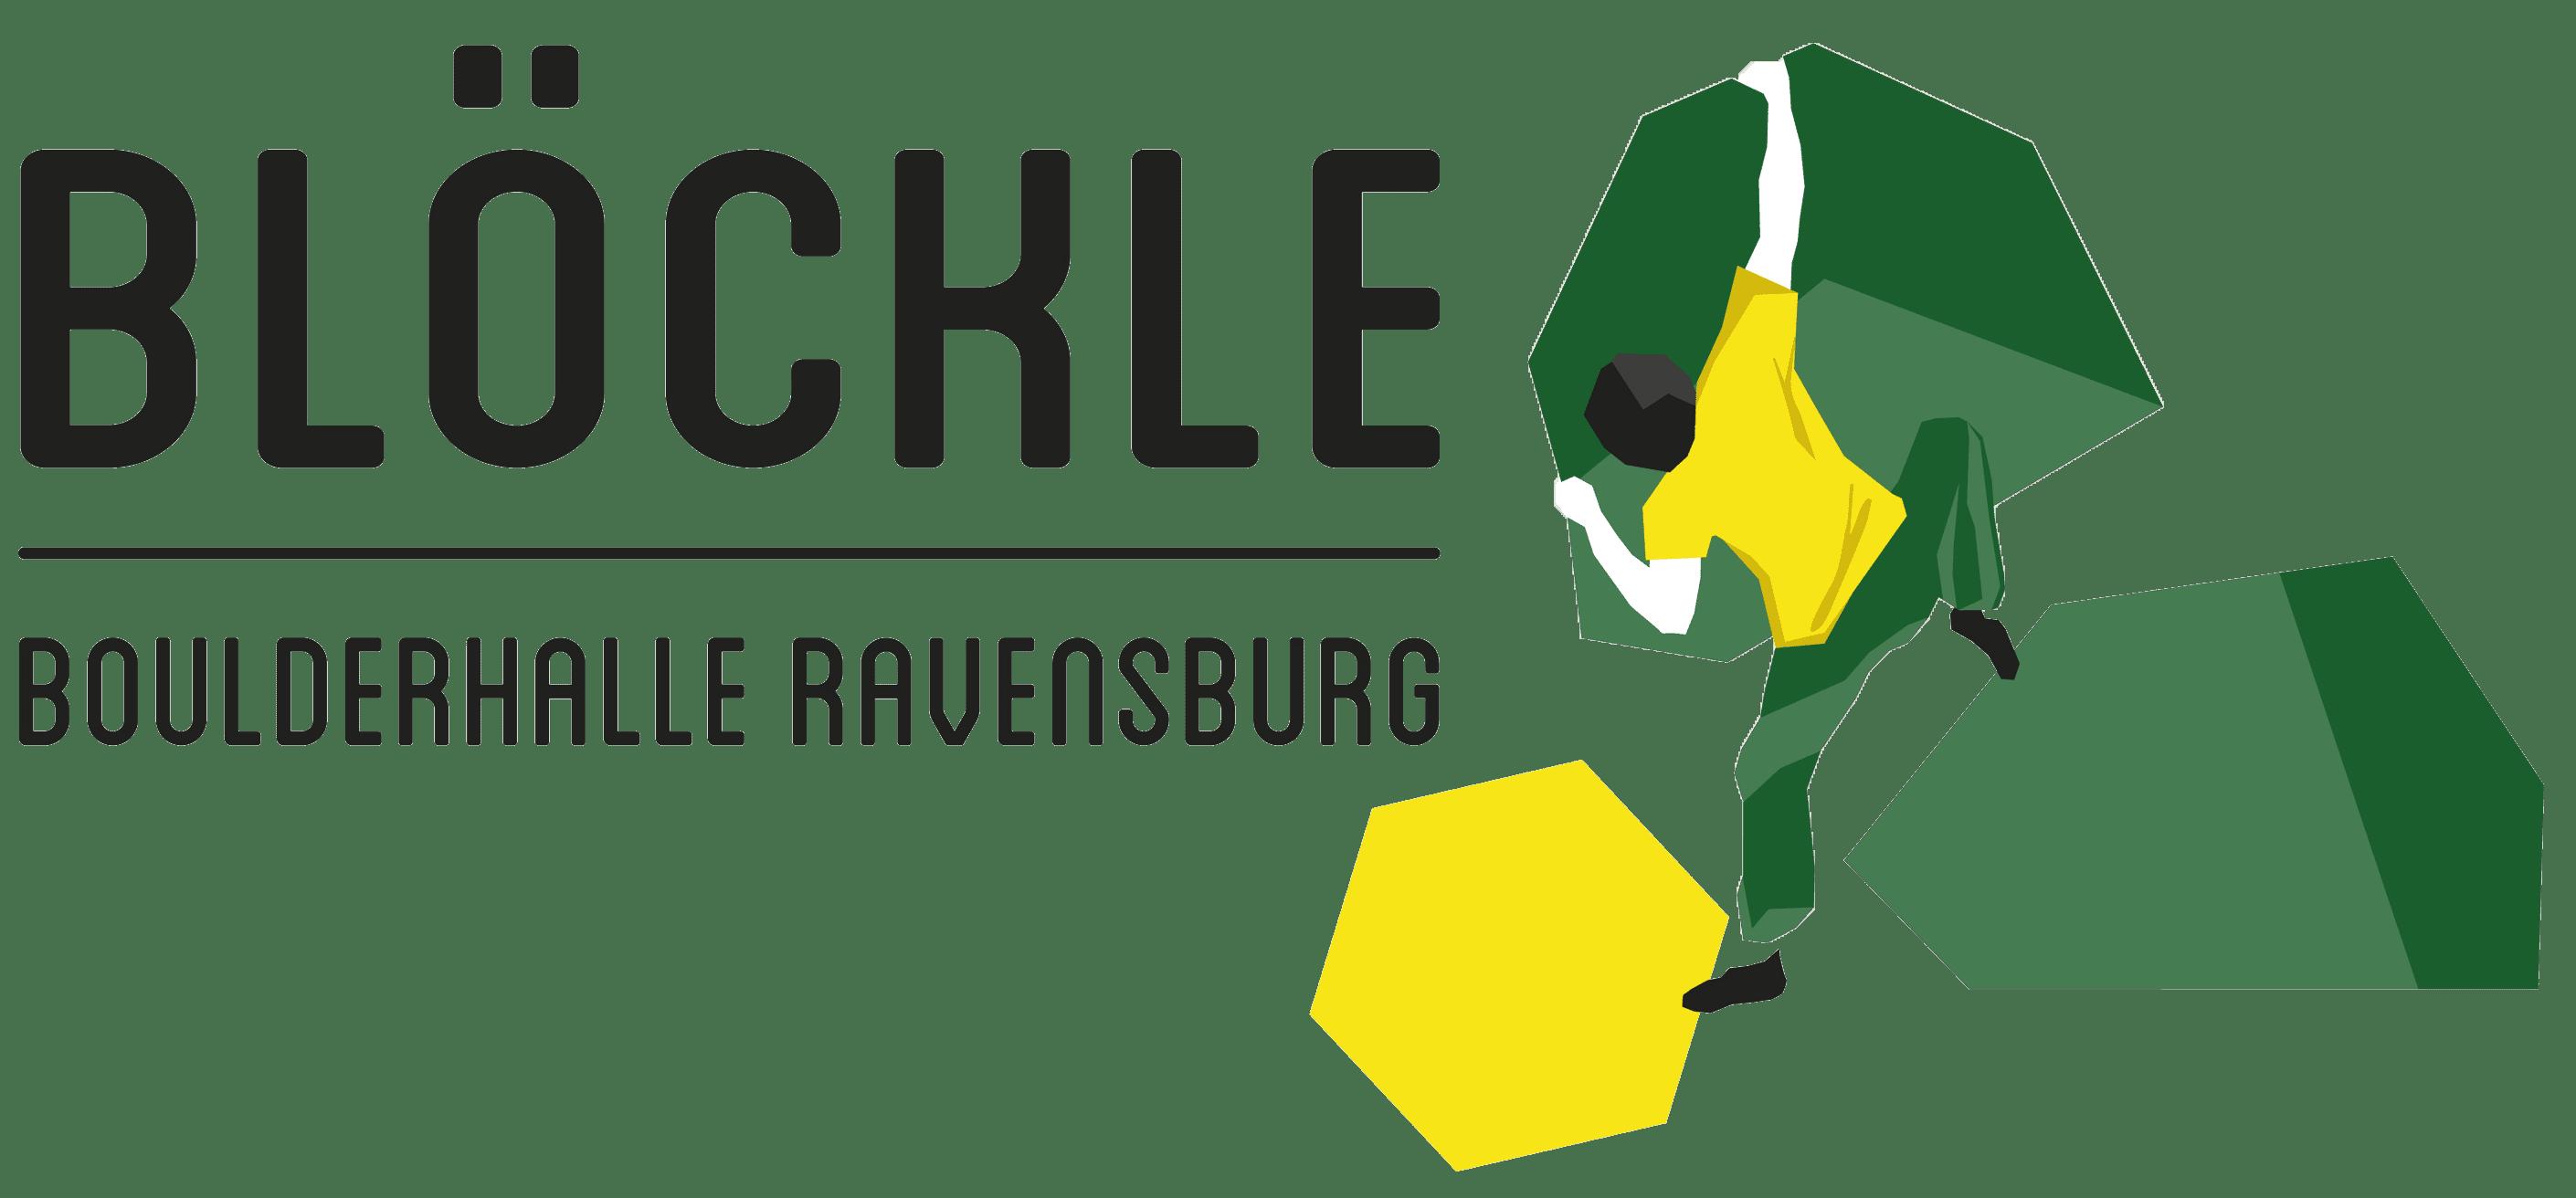 Blöckle – Boulderhalle Ravensburg